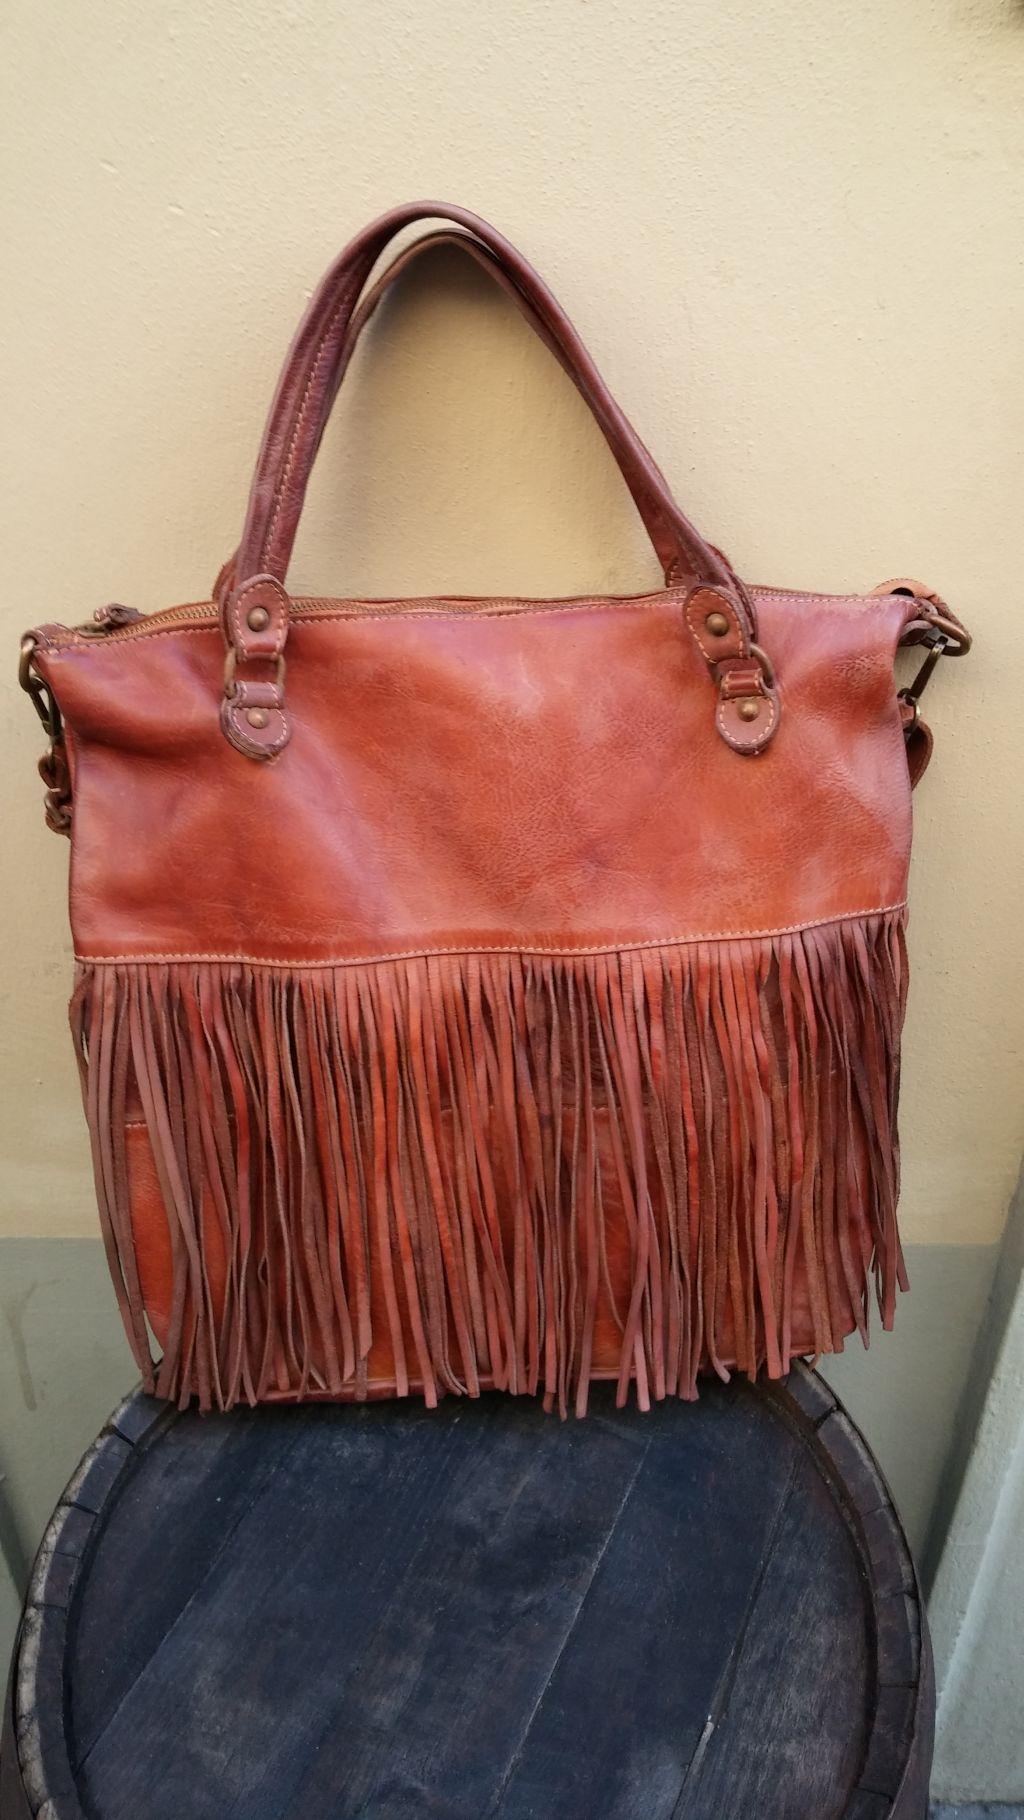 FL1013-borsa-shopping-con-frangia-1